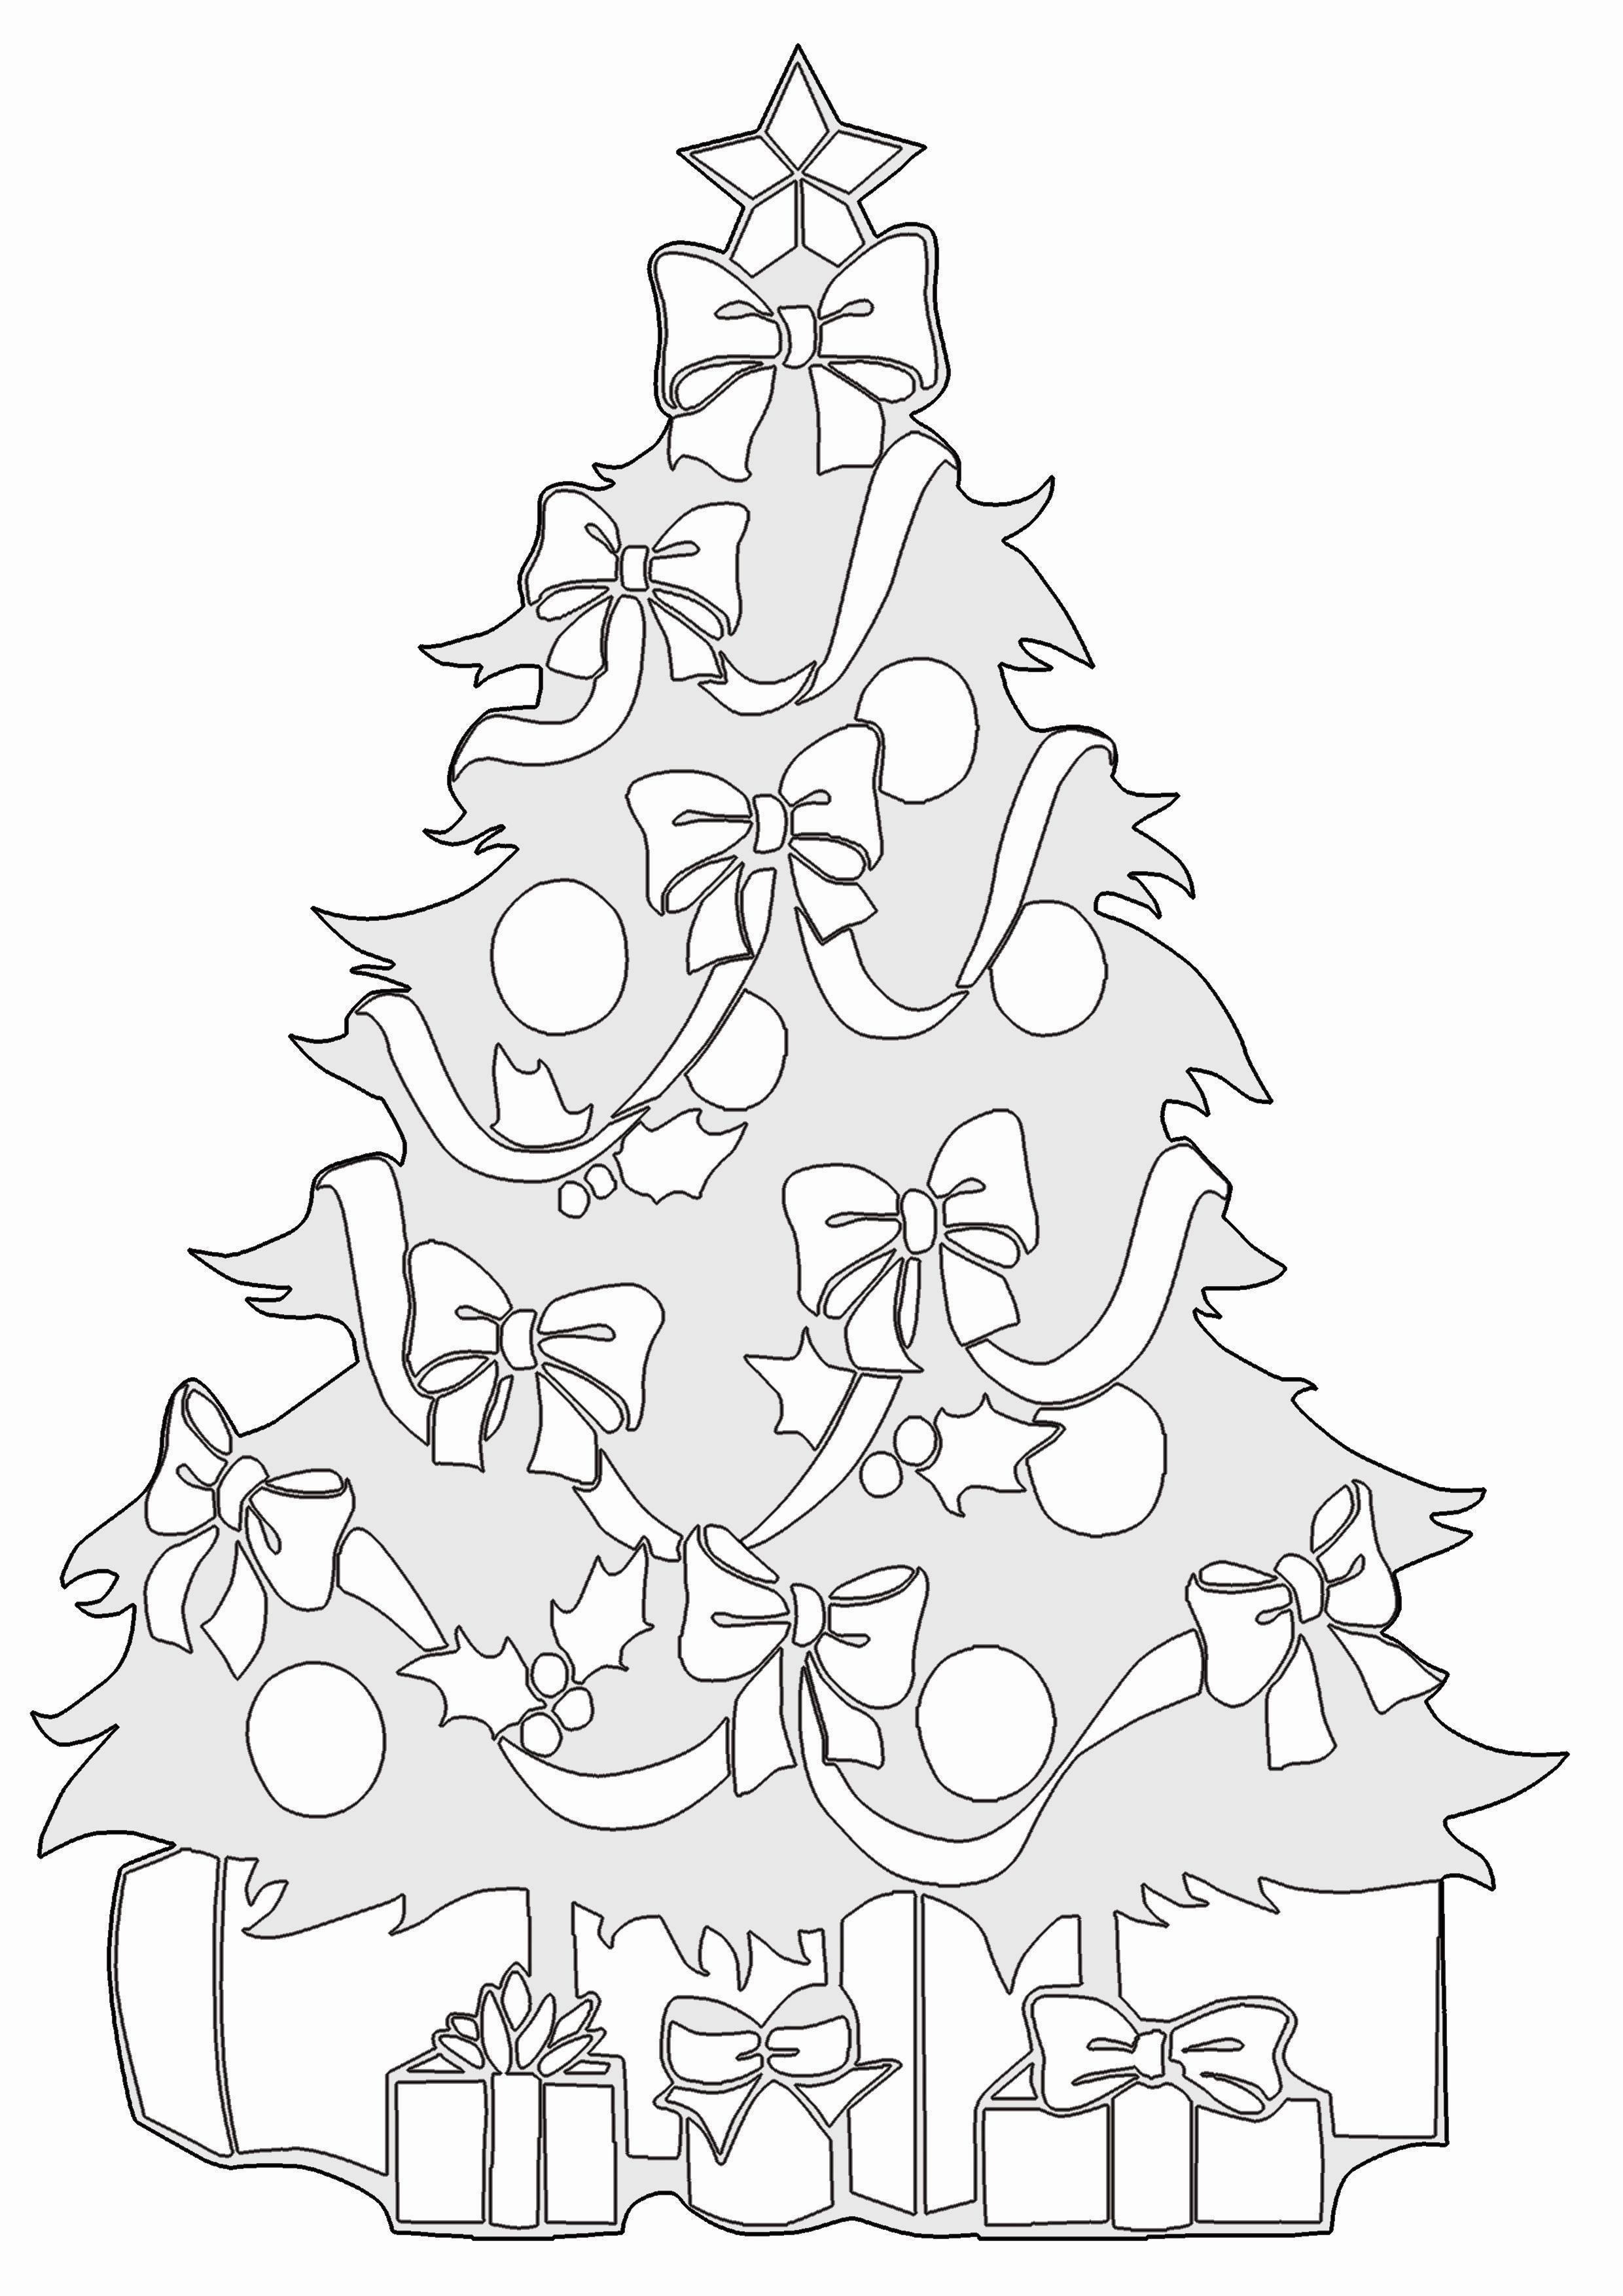 Ausmalbilder Disney Weihnachten : Malvorlagen Weihnachten Weihnachtsbaum 07 Bastelarbeiten